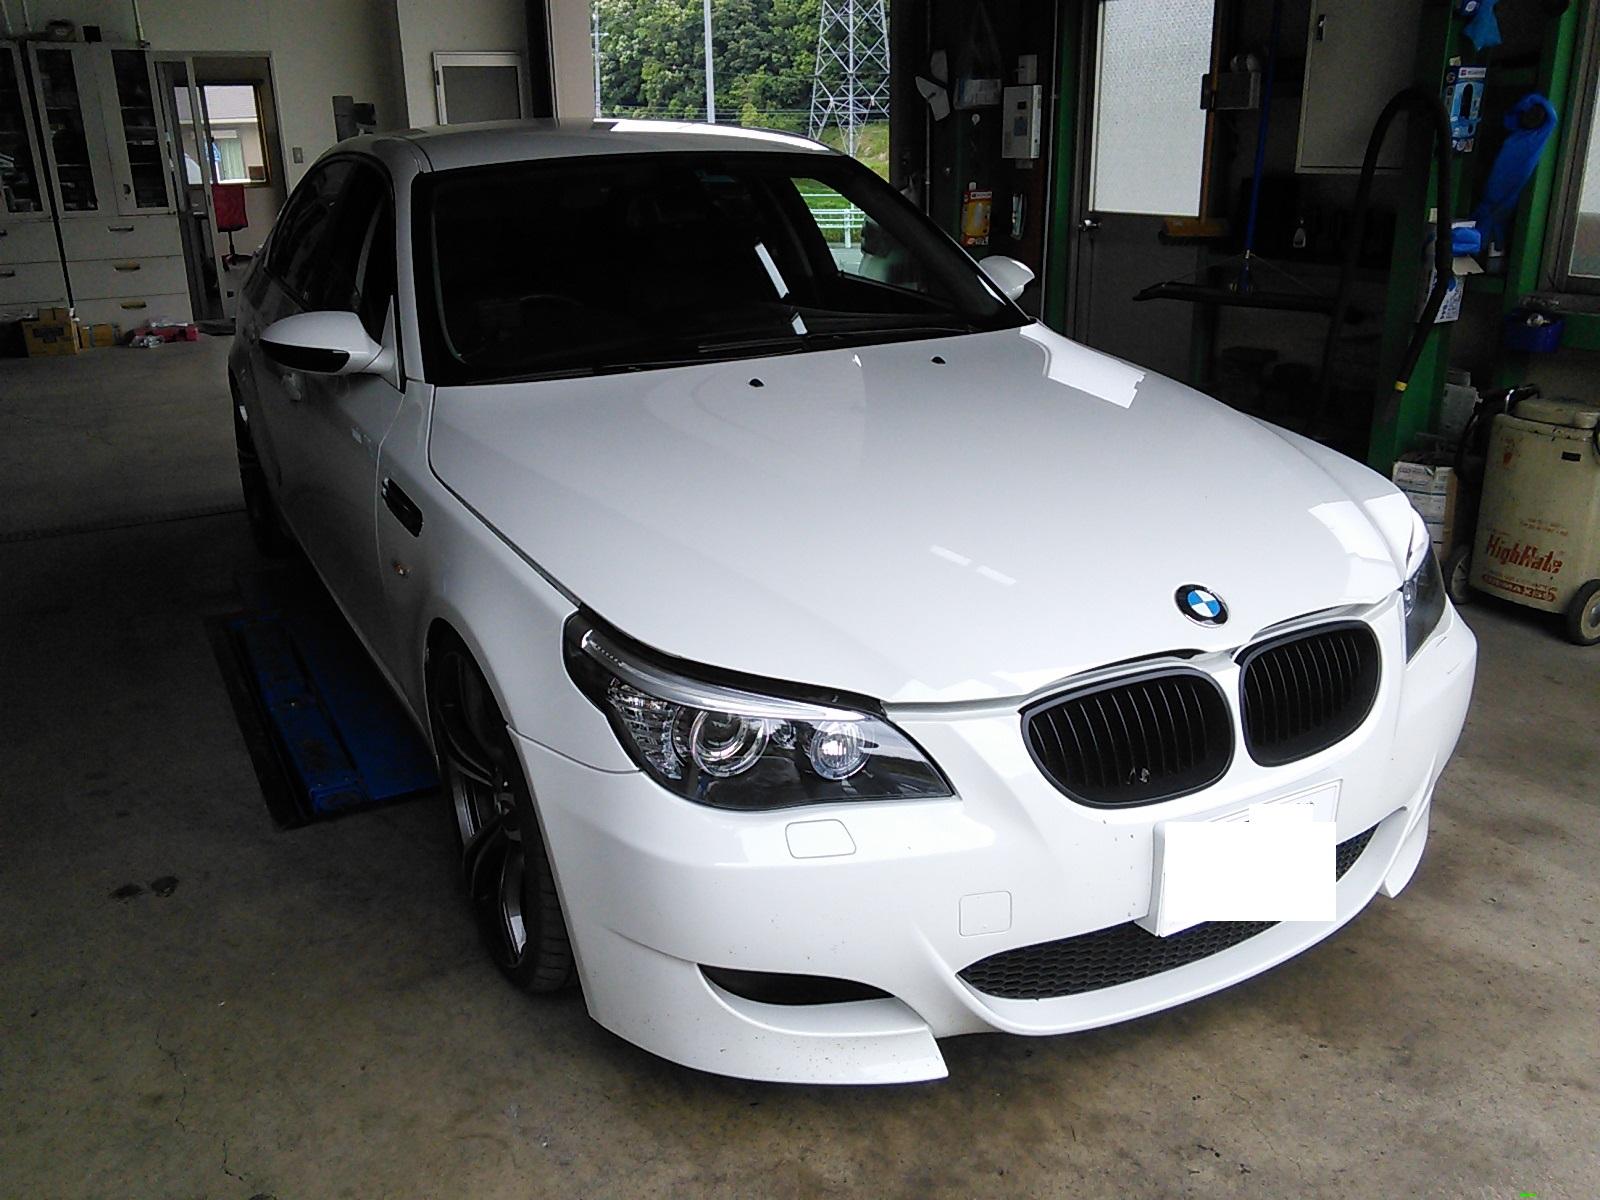 BMW車検 車検時は診断機にて簡易点検まで行ってます